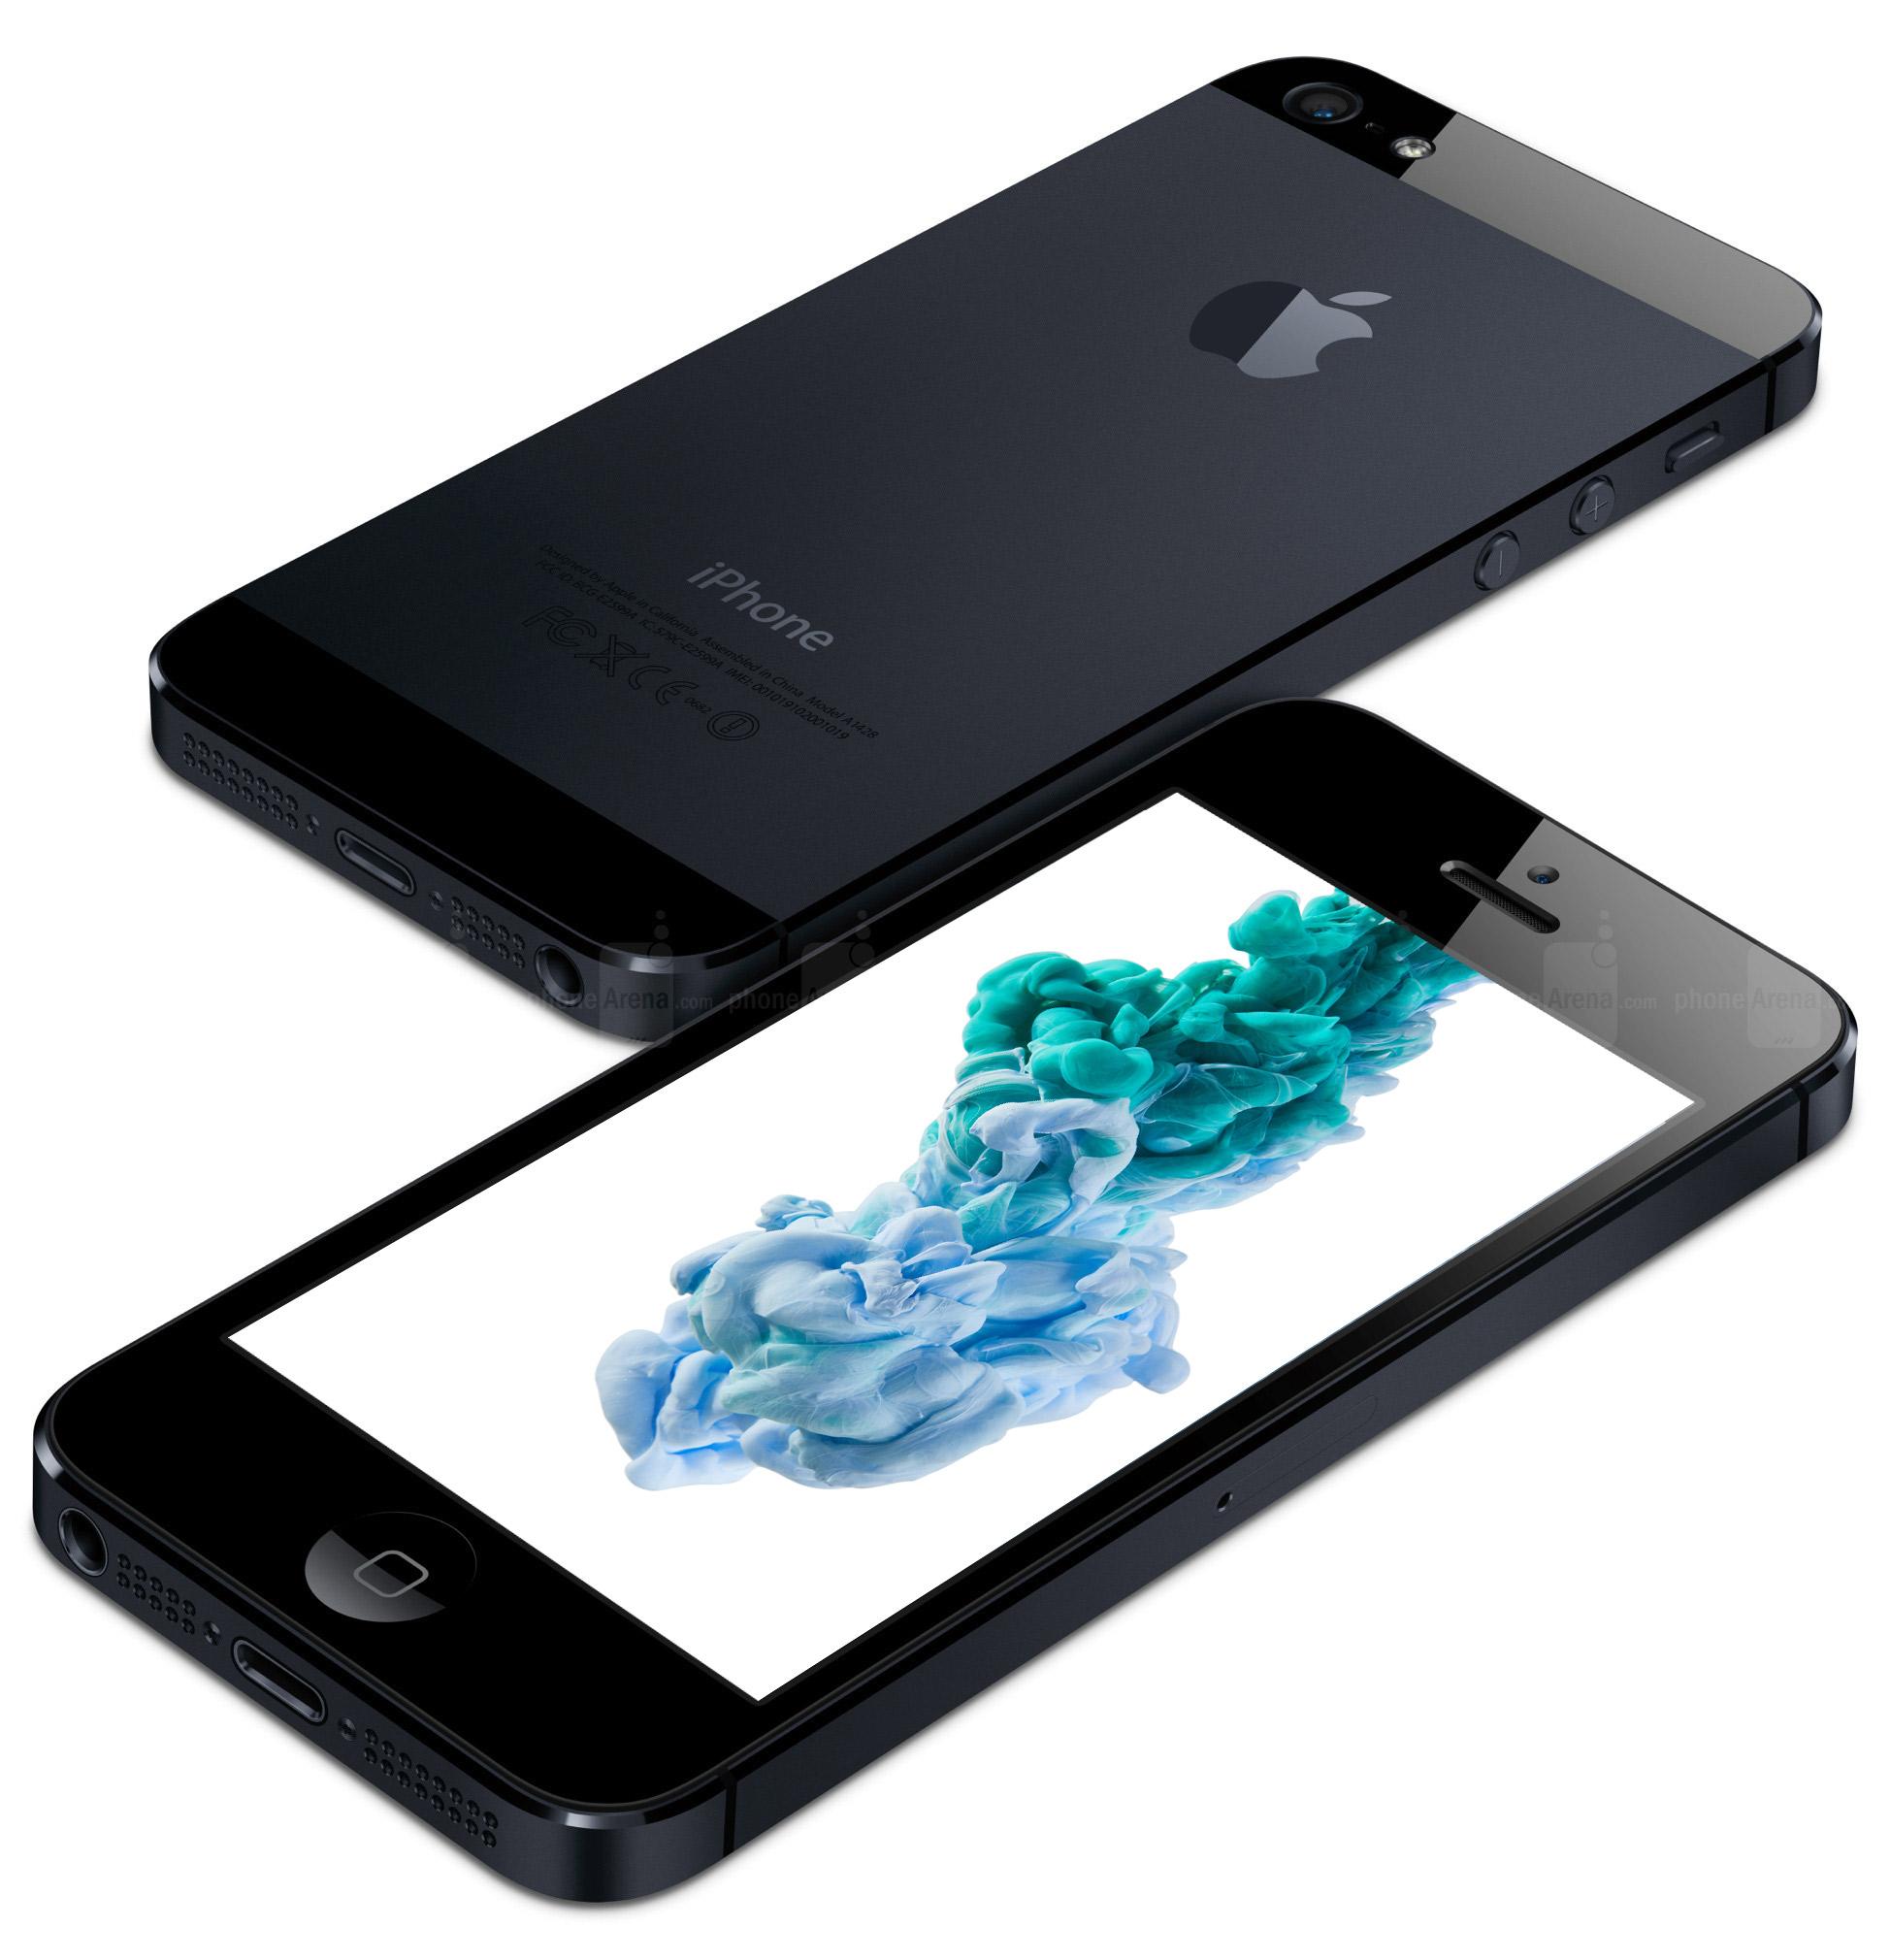 Iphone 5 s weiss gebraucht